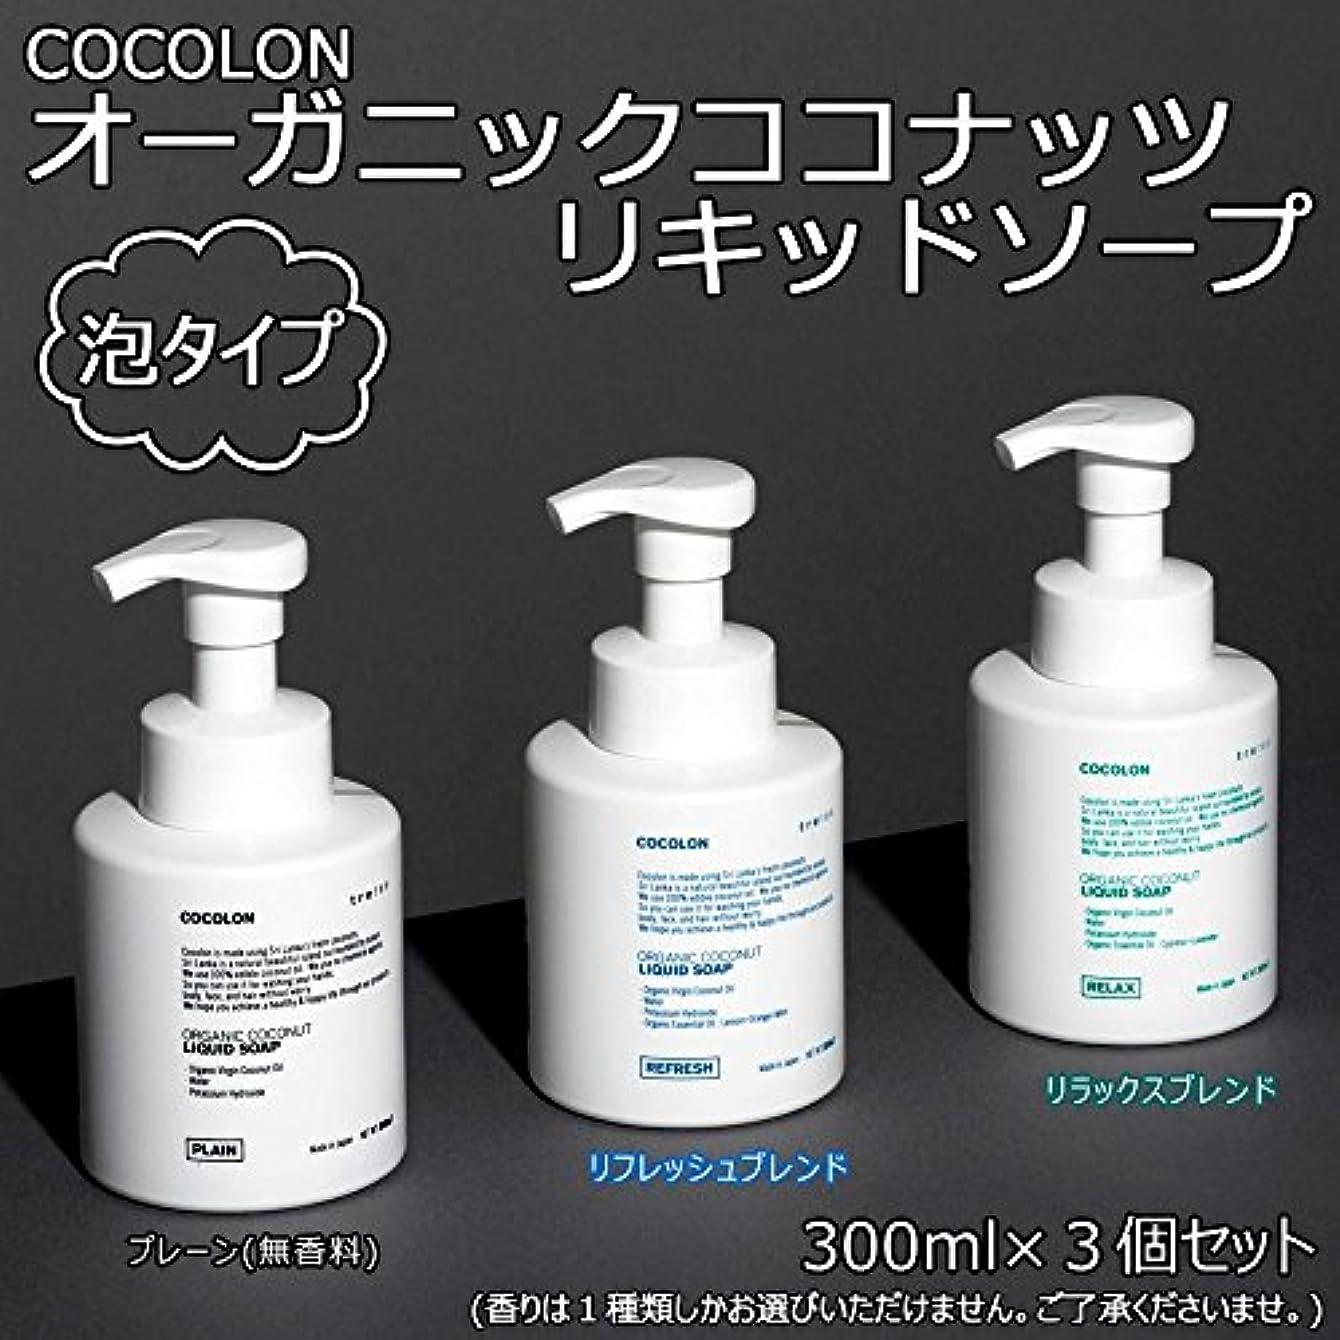 いらいらさせる玉休憩COCOLON ココロン オーガニックココナッツリキッドソープ 泡タイプ 300ml 3個セット【同梱?代引不可】 ■3種類の内「リラックスブレンド」のみです